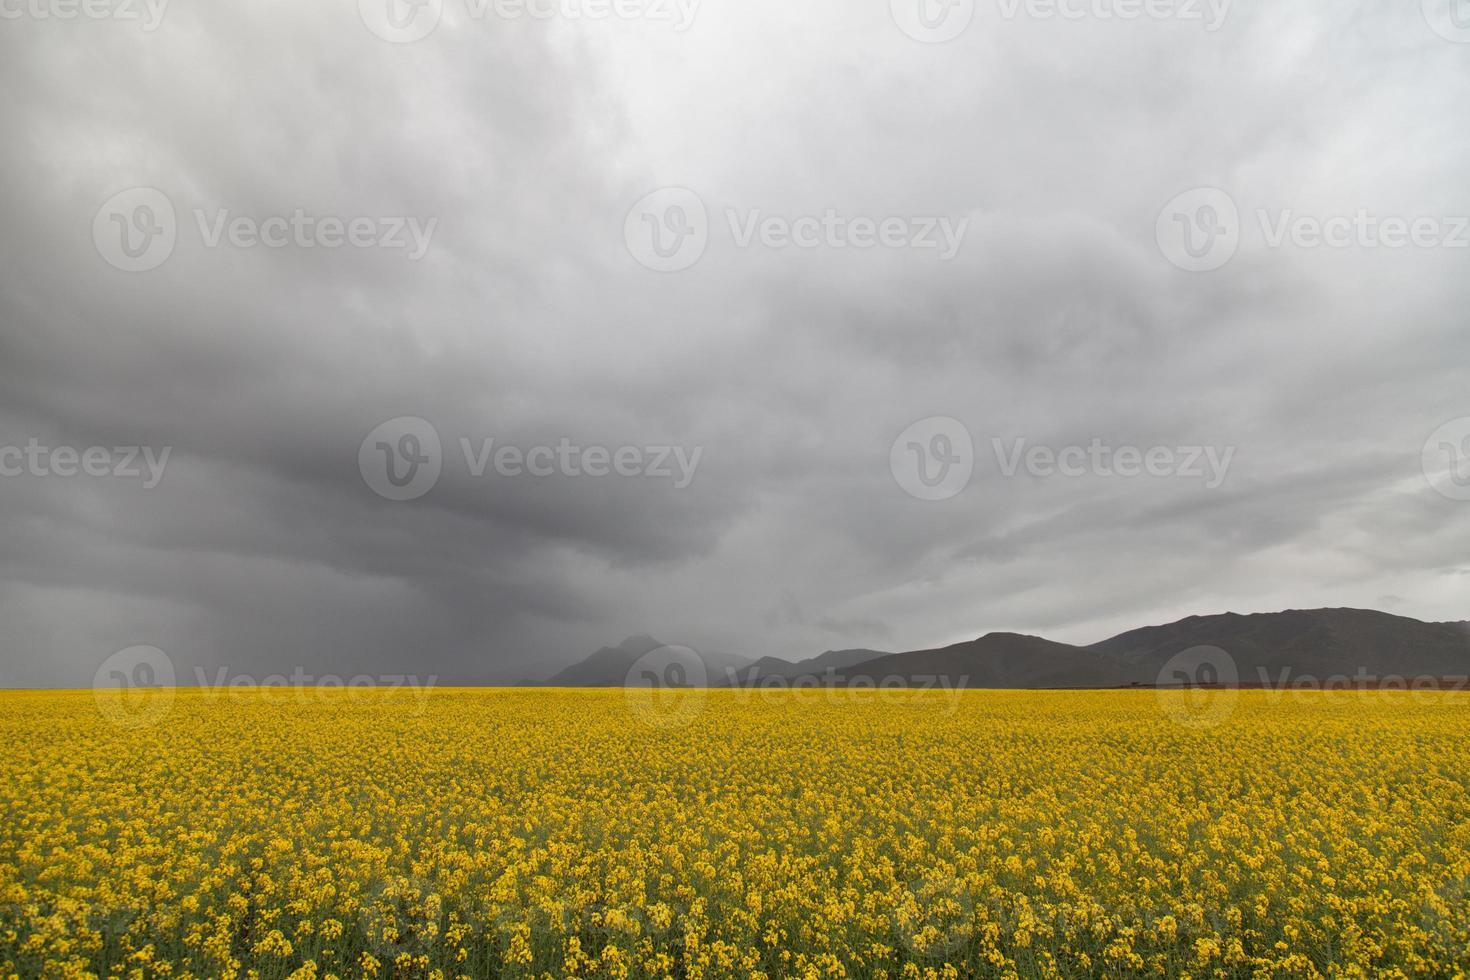 rapsfält under en stormig himmel foto